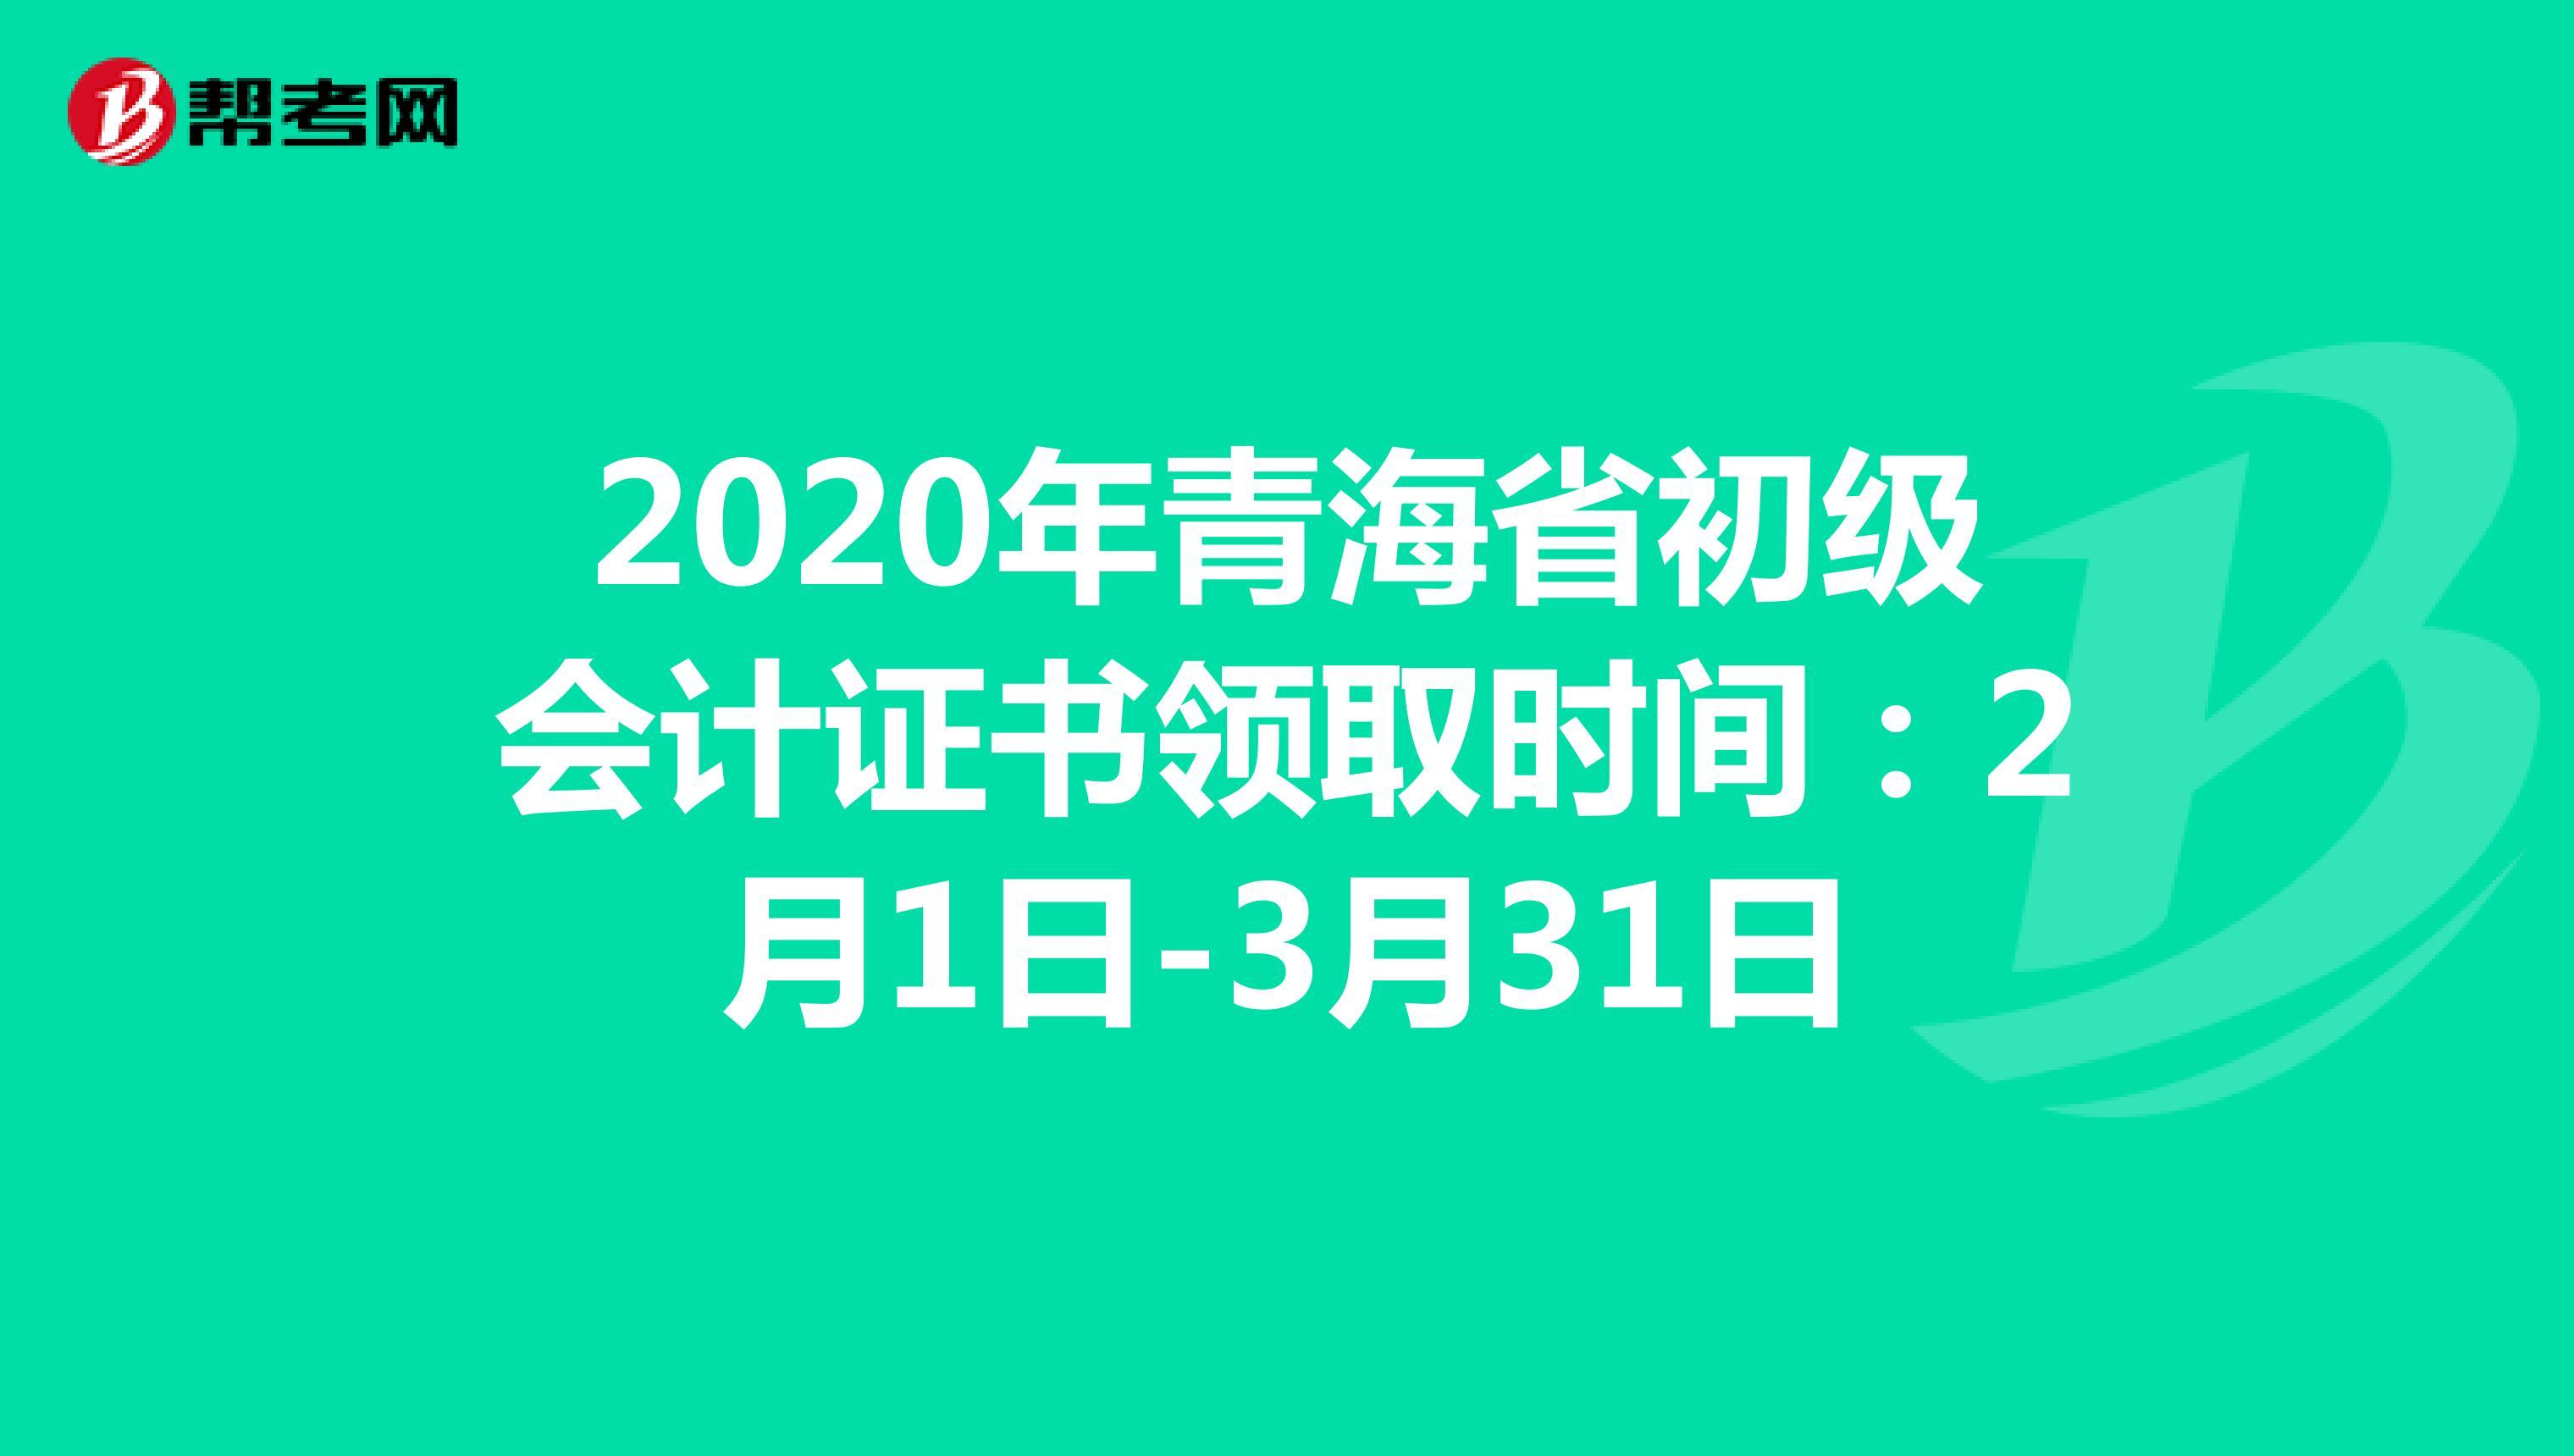 2020年青海省初级会计证书领取时间:2月1日-3月31日